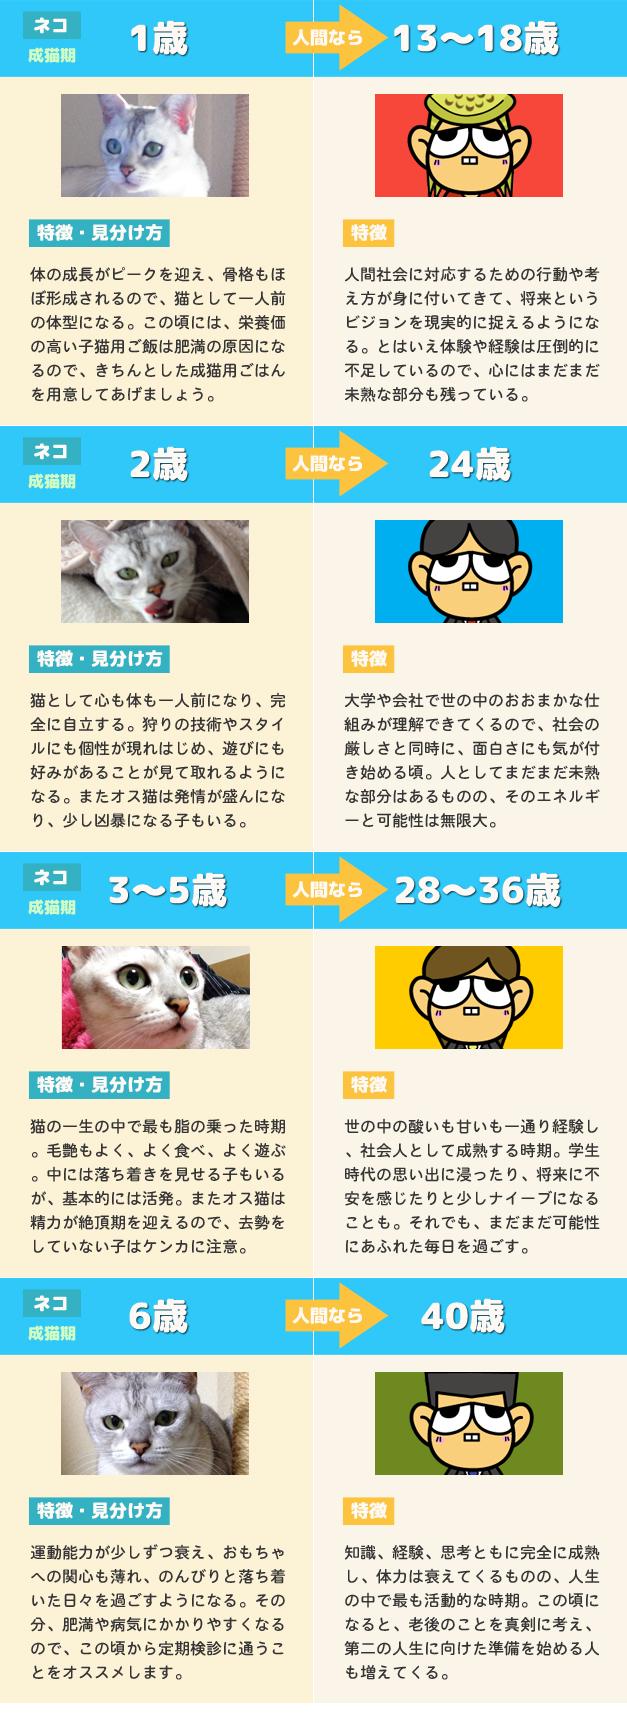 猫の年齢と人間の年齢 比較早見表2